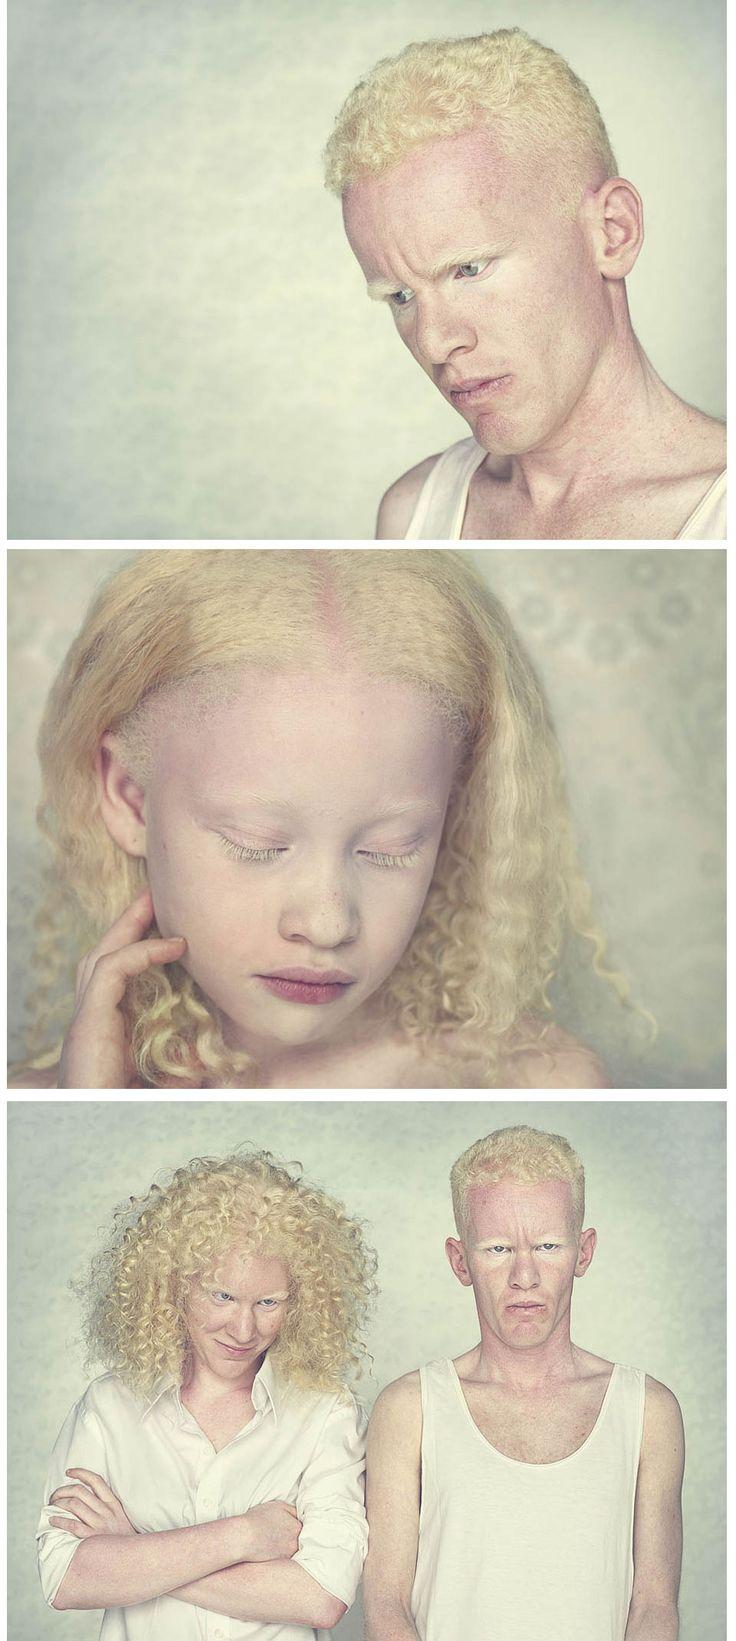 «белая ворона», или особенности здоровья и развития ребенка-альбиноса. альбинизм – симптомы. но прозвища же вам наверняка давали